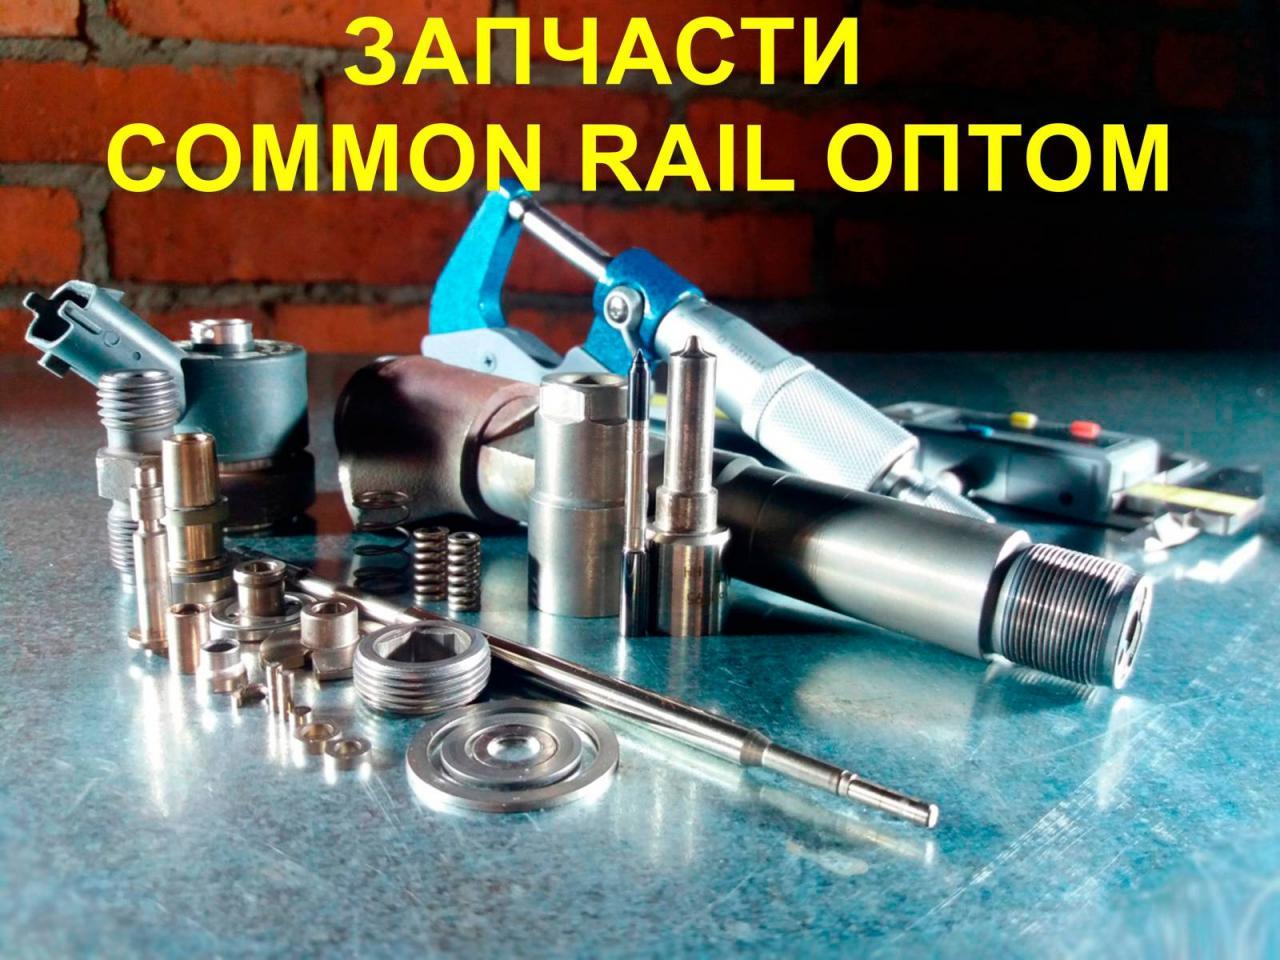 Запчасти для форсунок Common Rail (CRDI) оптом   фото 1 из 6